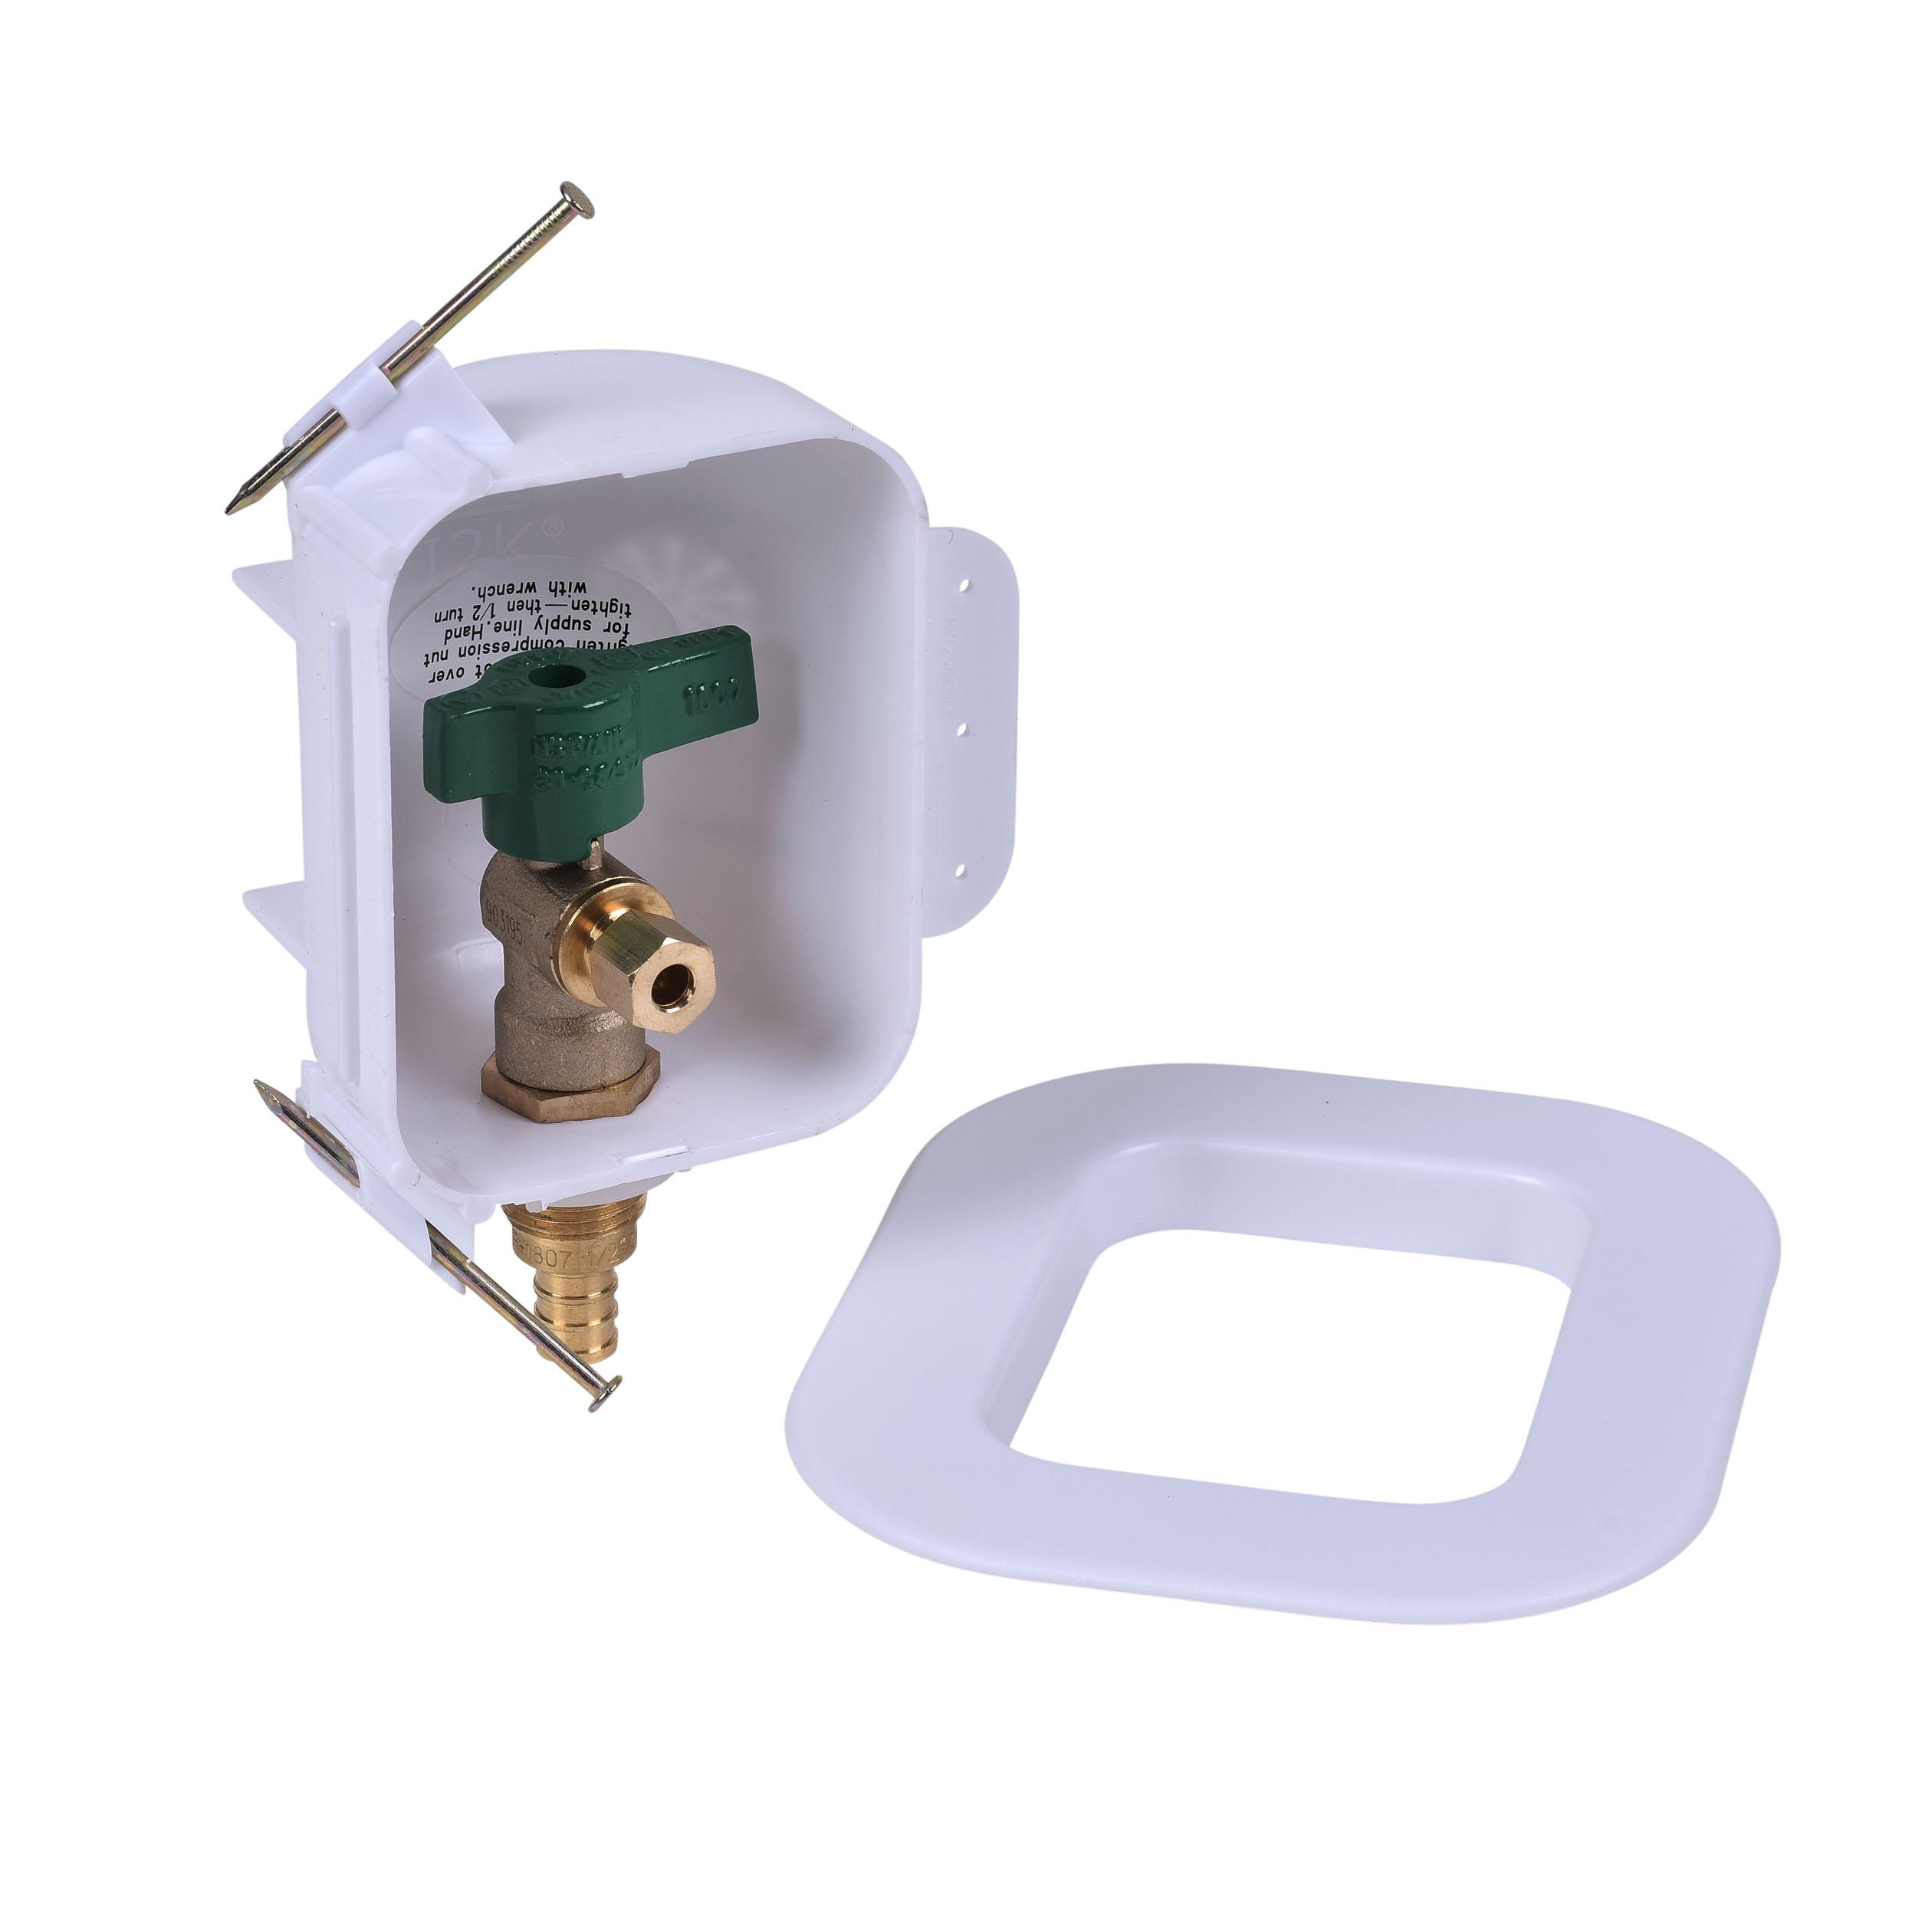 Oatey I2k ¼ Turn F1807 ½ Standard ll 1493577